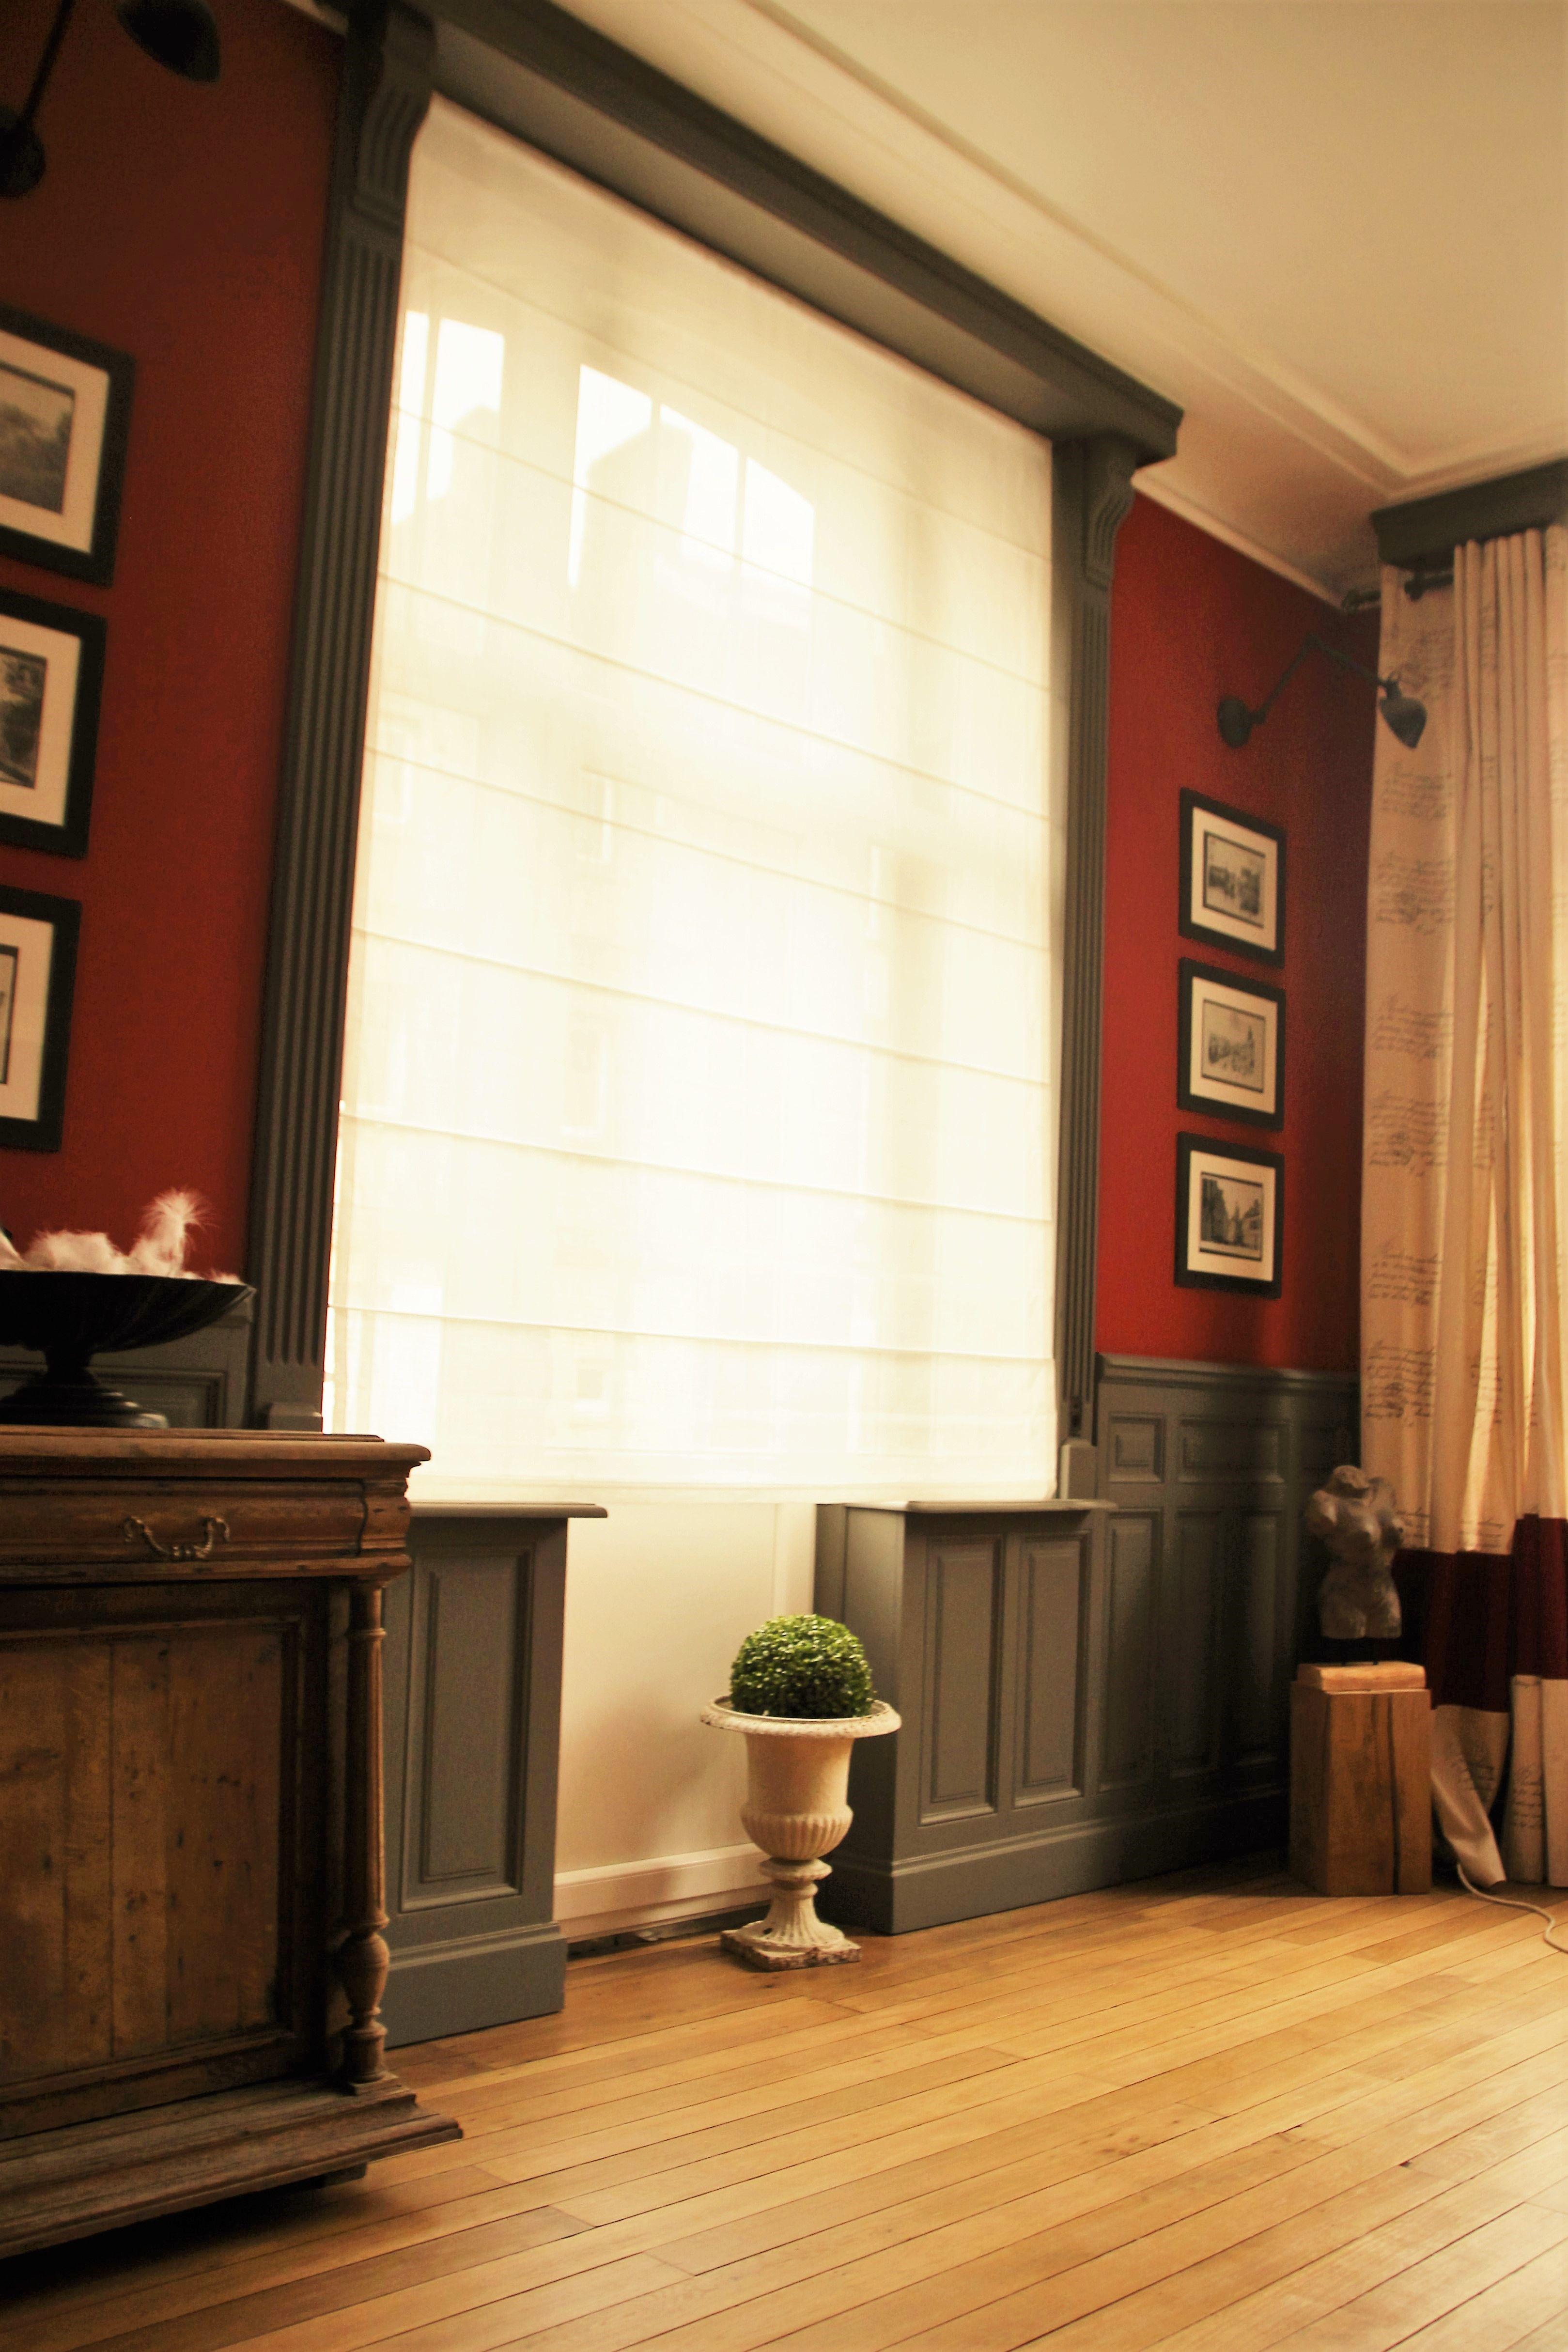 le cabinet de curiosite s invite au bureau rouge et gris vasque medicis recupere exposition photos d une anc bureau rouge cabinet de curiosite rideaux lin